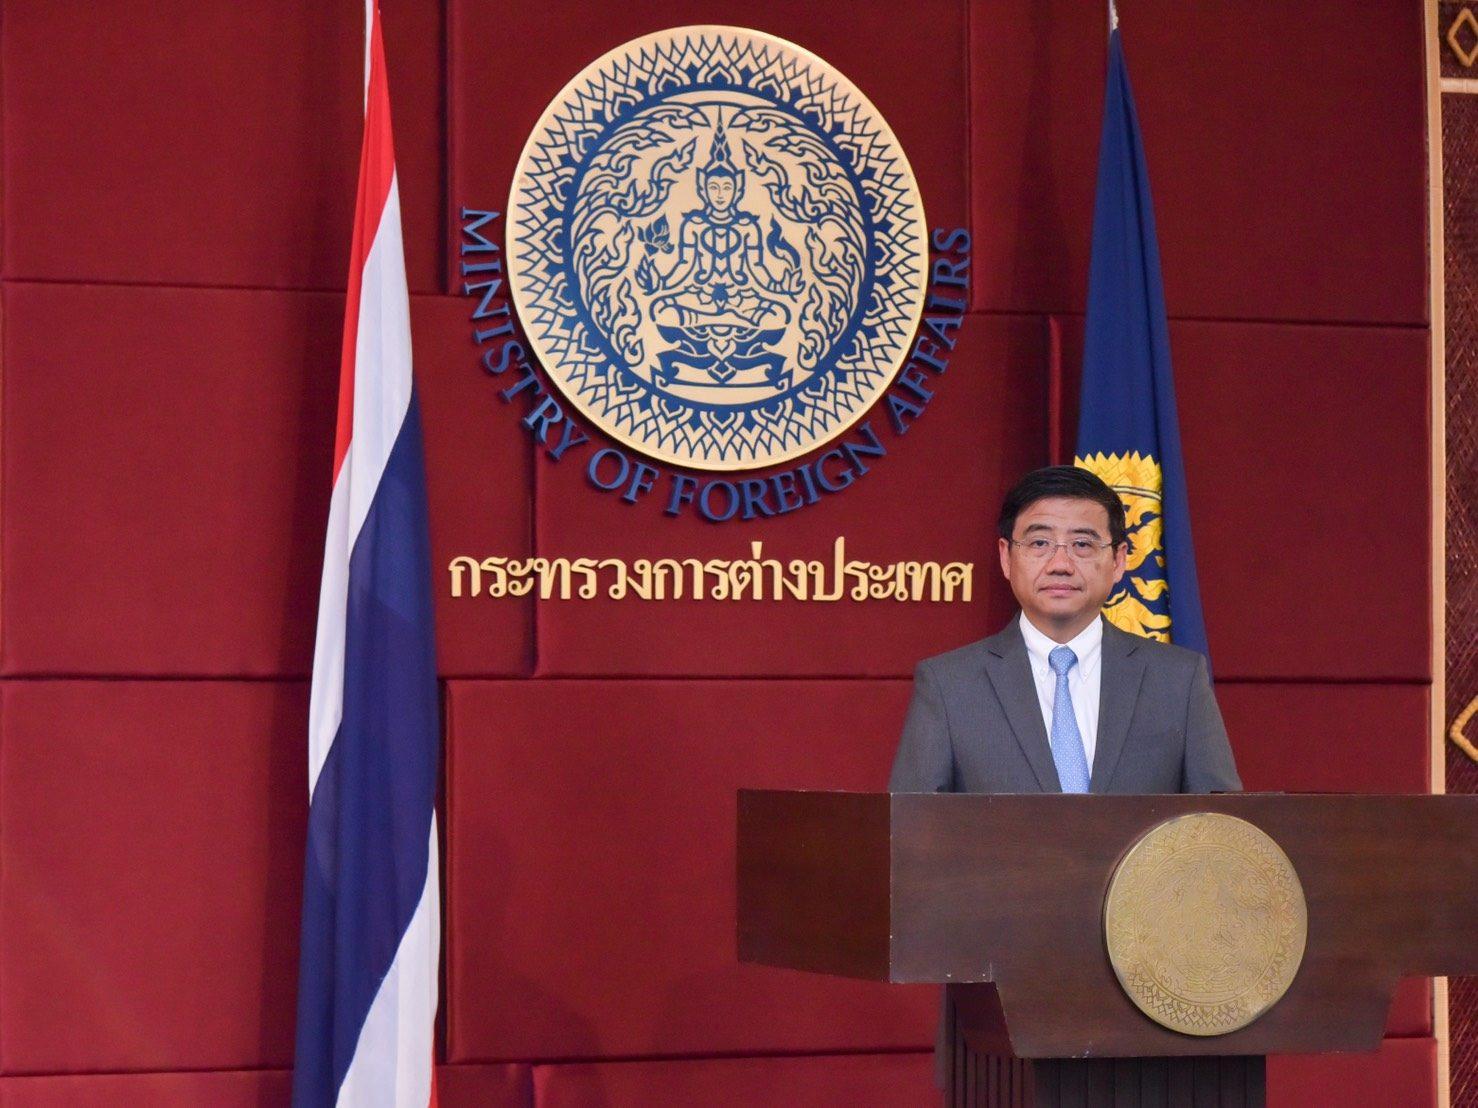 บัวแก้วเผยสถานทูตไทยเร่งให้ข้อเท็จจริงบริษัทนำเข้า หลังพีต้ากล่าวหาไทยใช้ลิงเก็บมะพร้าว